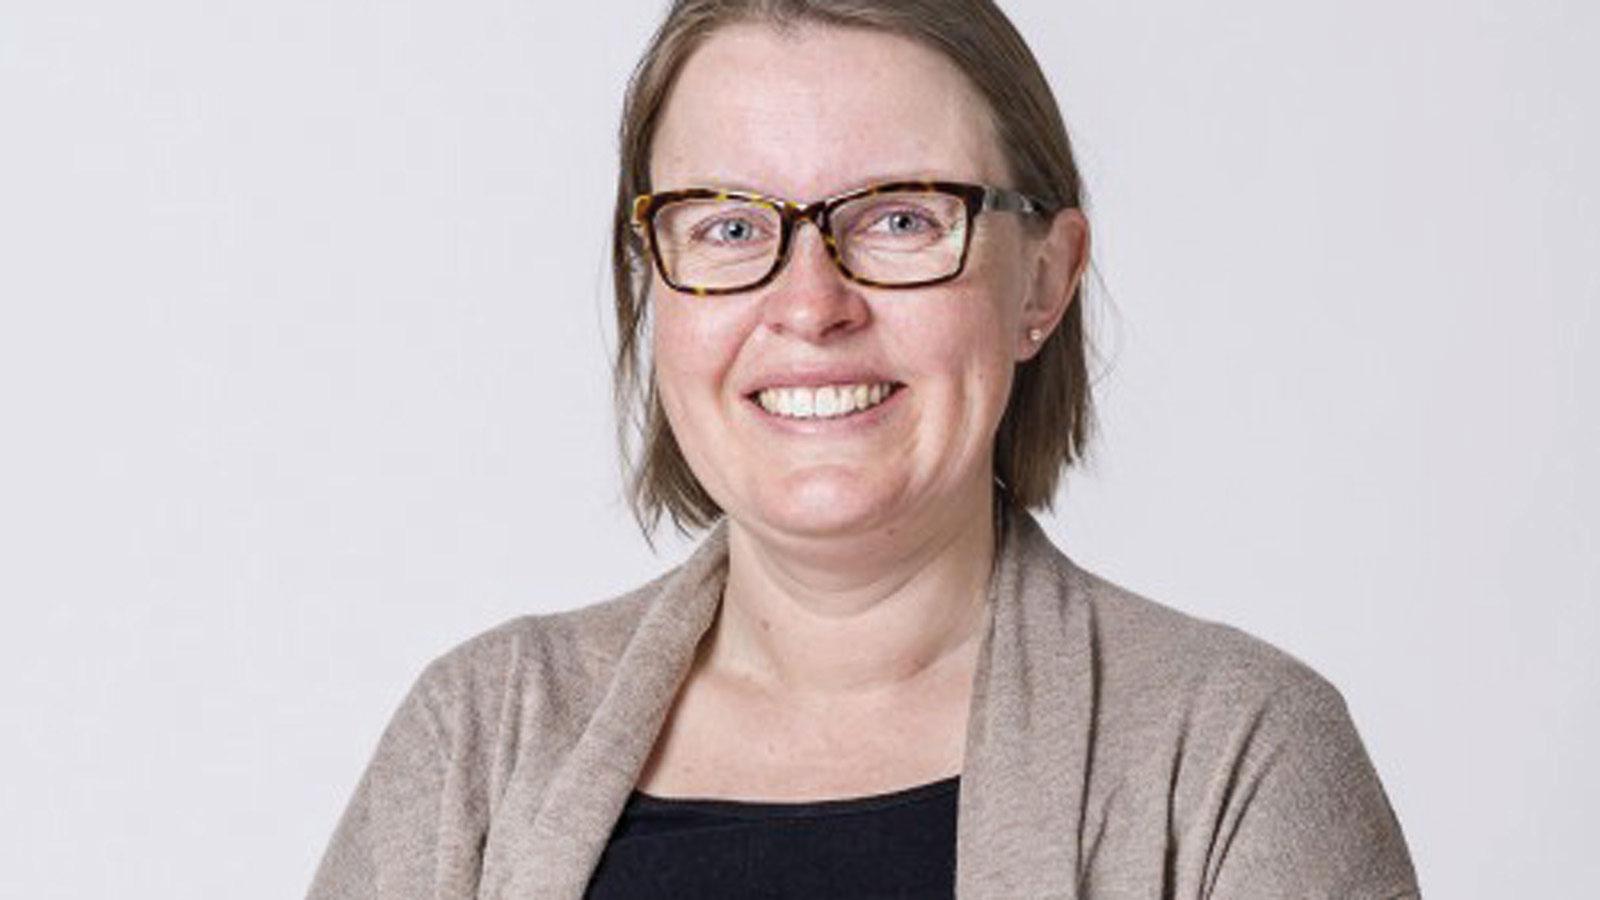 40 år kvinna Kvinnor lämnar lokalpolitiken | ETC Göteborg 40 år kvinna